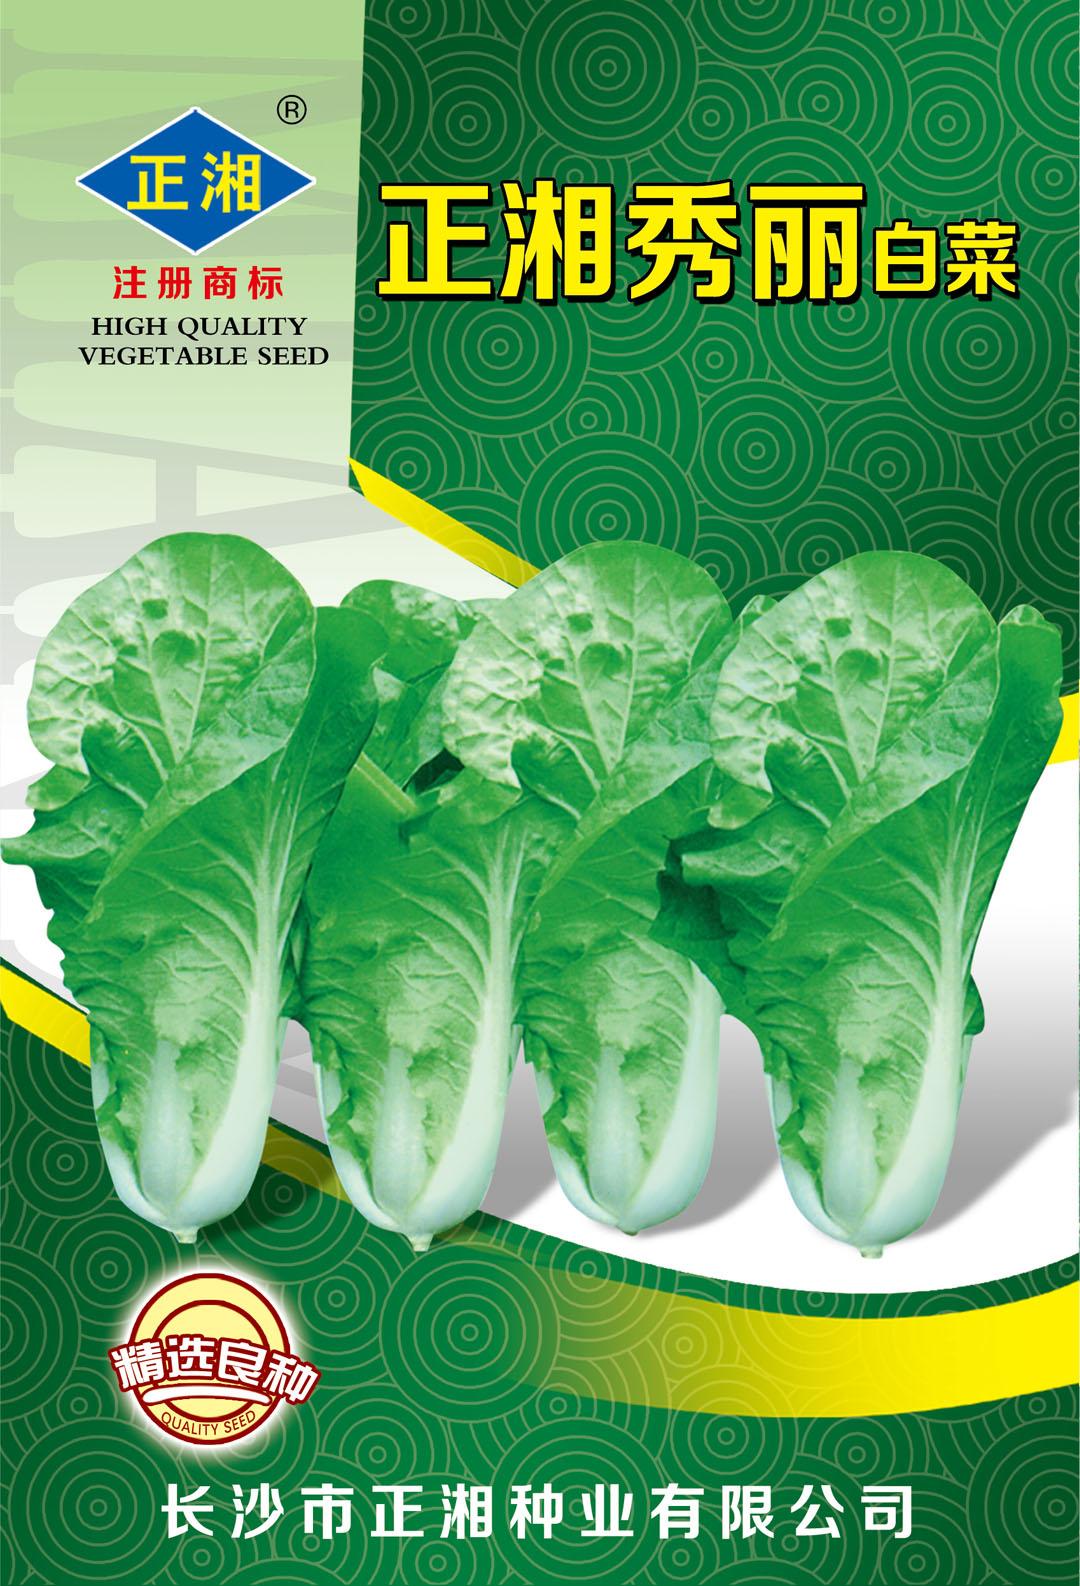 亚虎app网页版秀丽白菜